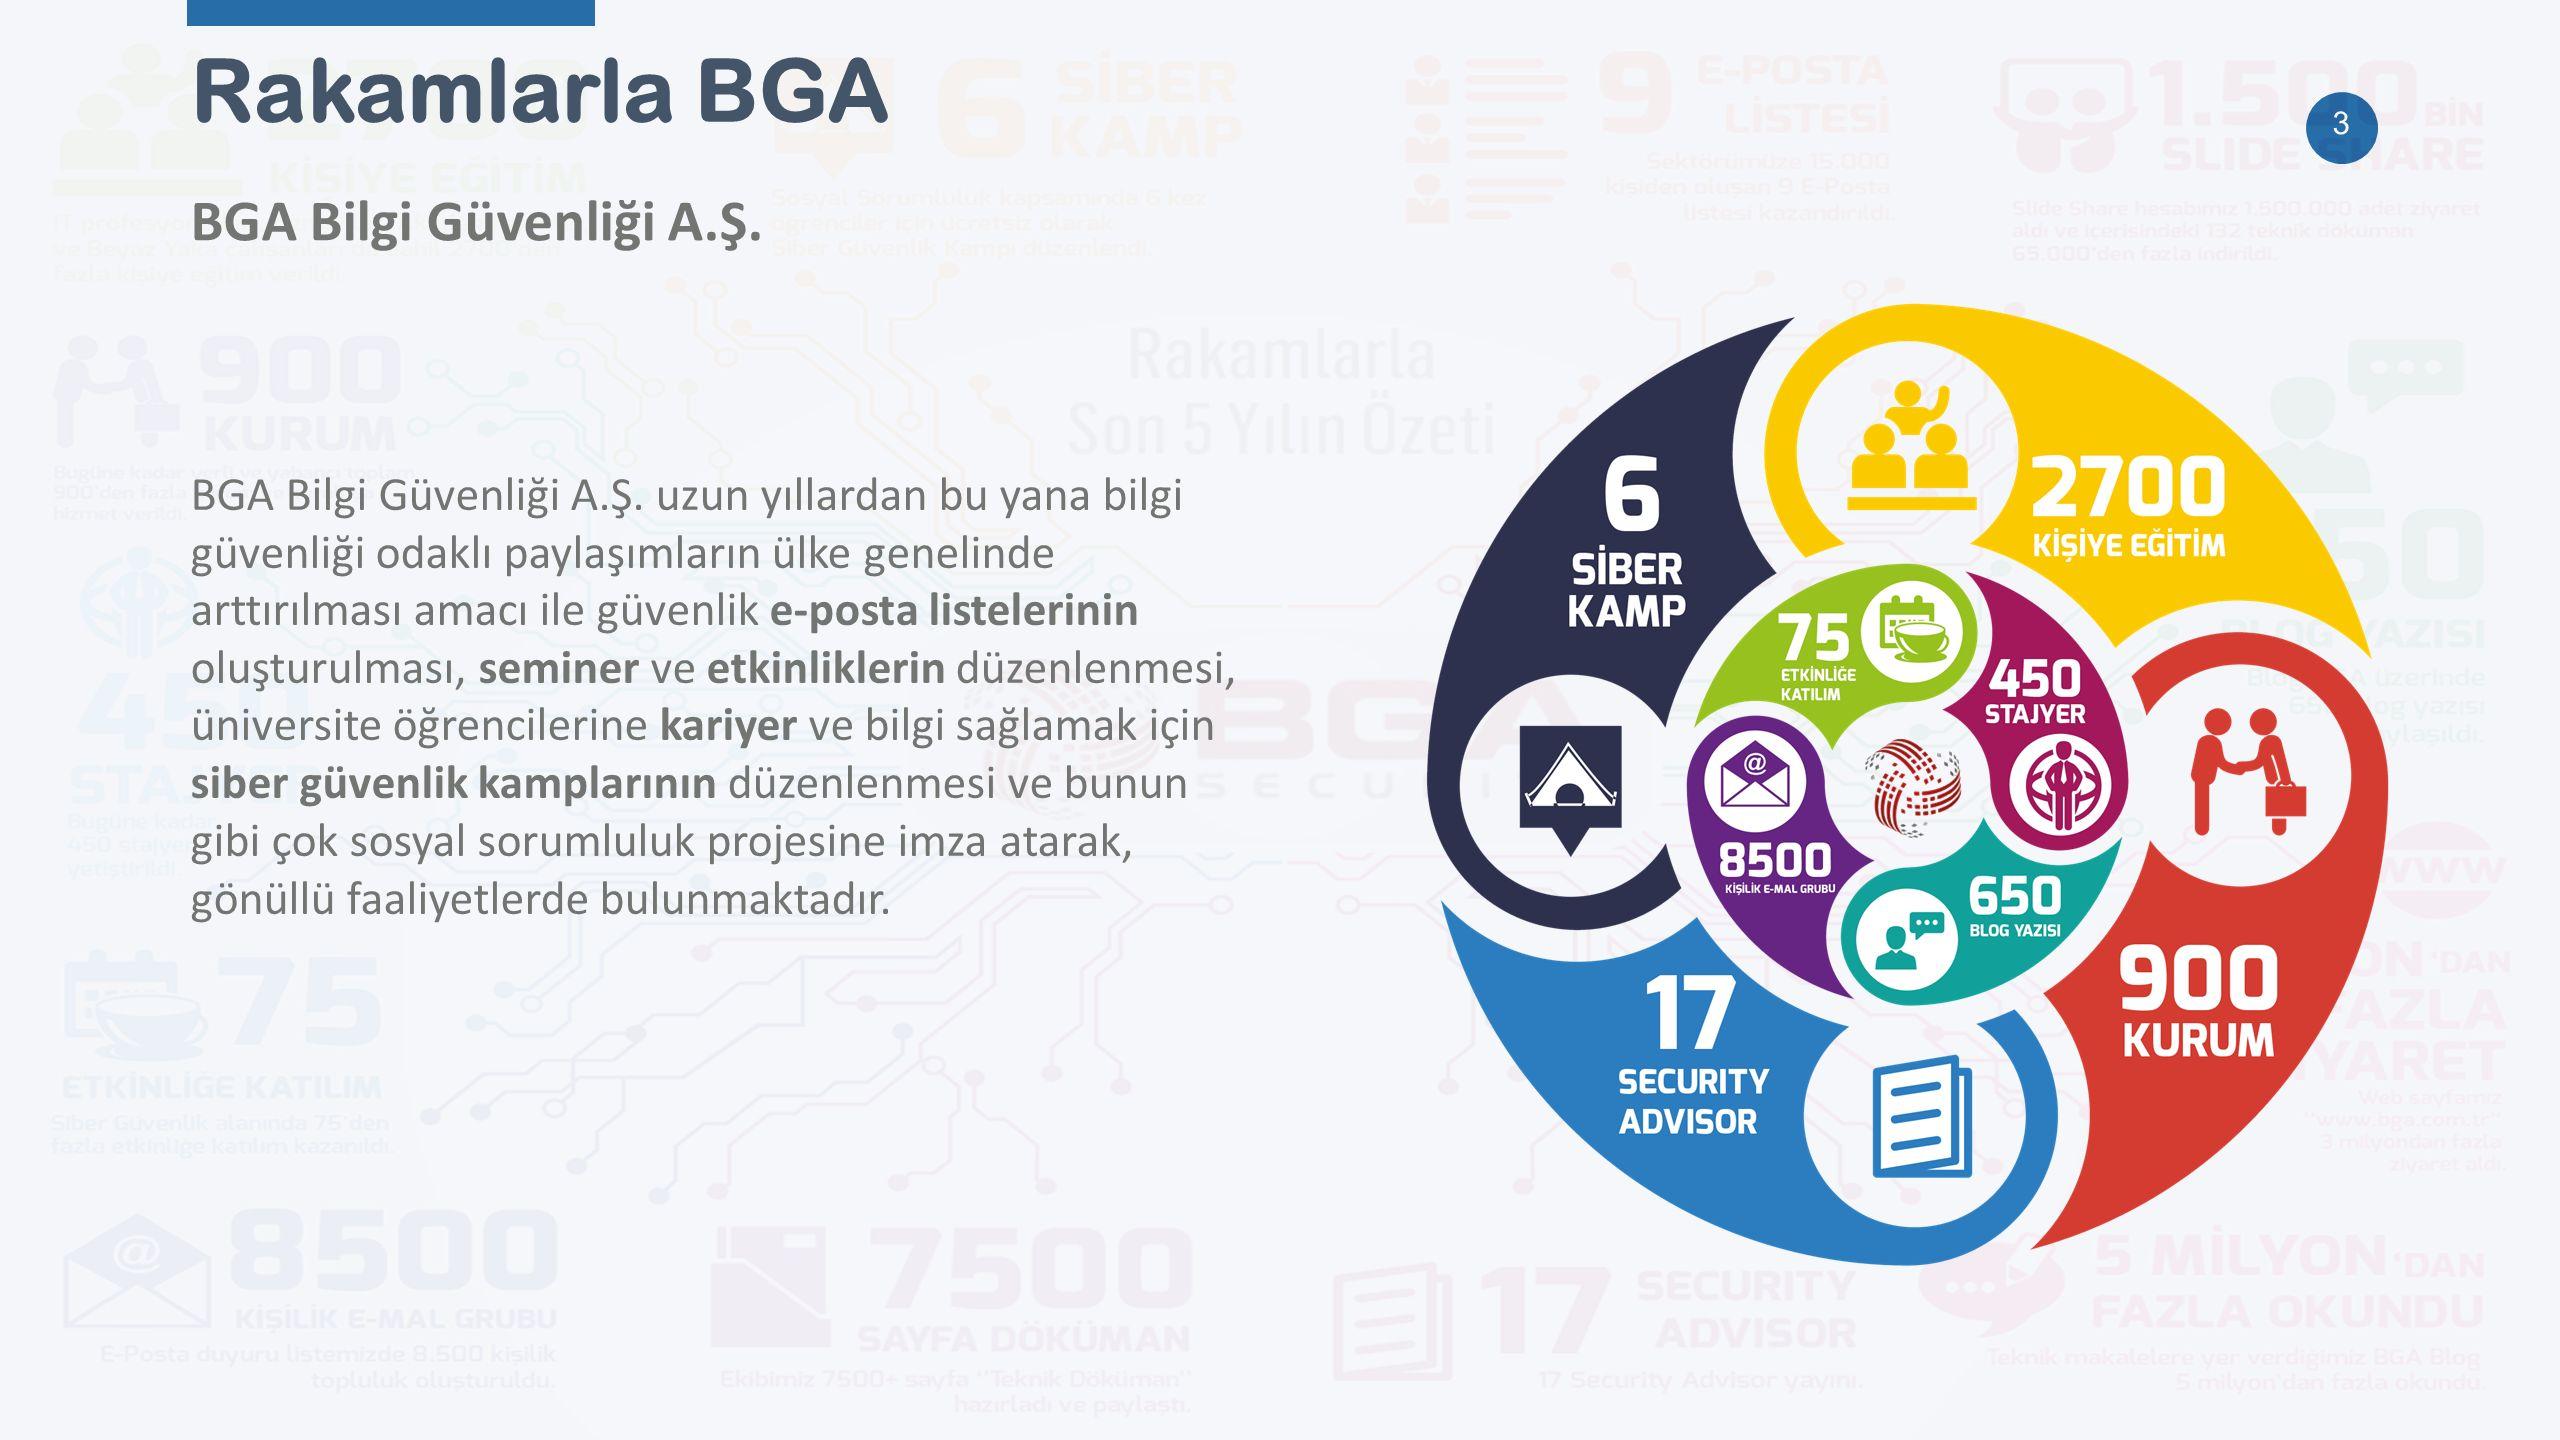 4 Referanslarımız BGA olarak hizmet verdiğimiz kurum ve kuruluşlar 32 BANKA 5 DERNEK 31 KAMU 5 AR-GE 5 ENERJİ 6 ULAŞIM 10 FİNANS 11 SAVUNMA